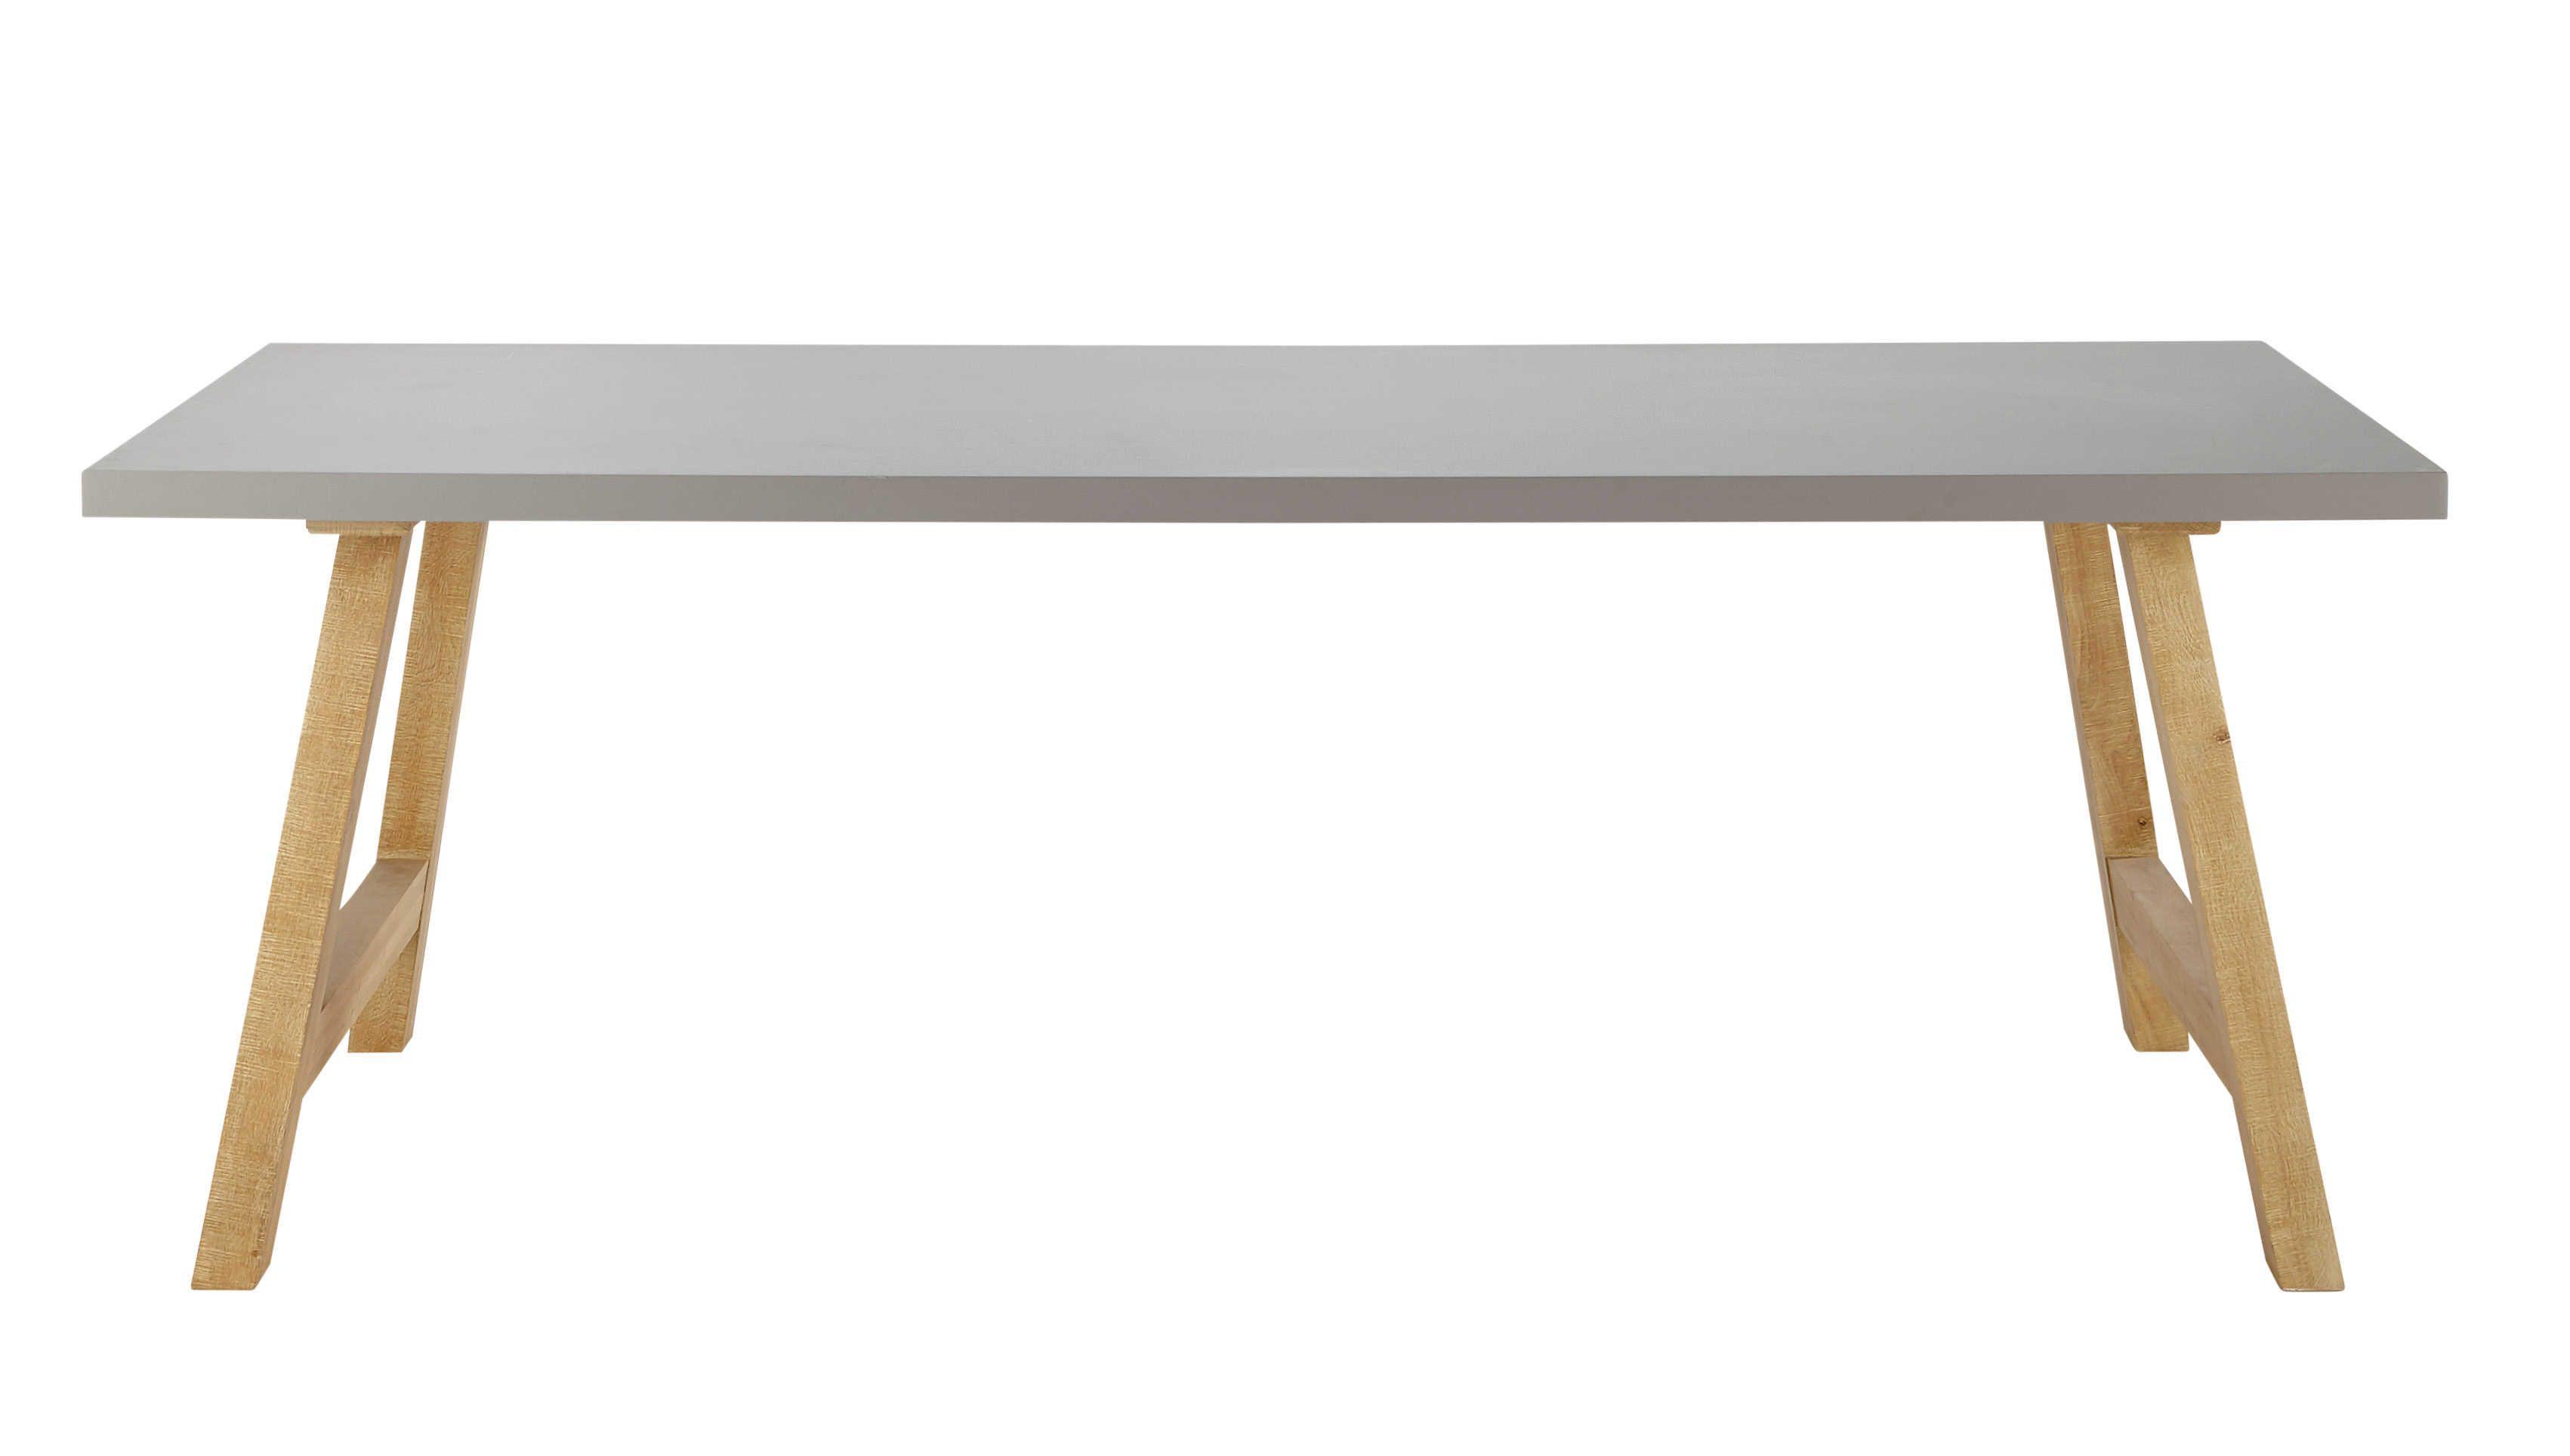 Table de salle à manger effet béton ciré L 220 cm Vermont | idée ...